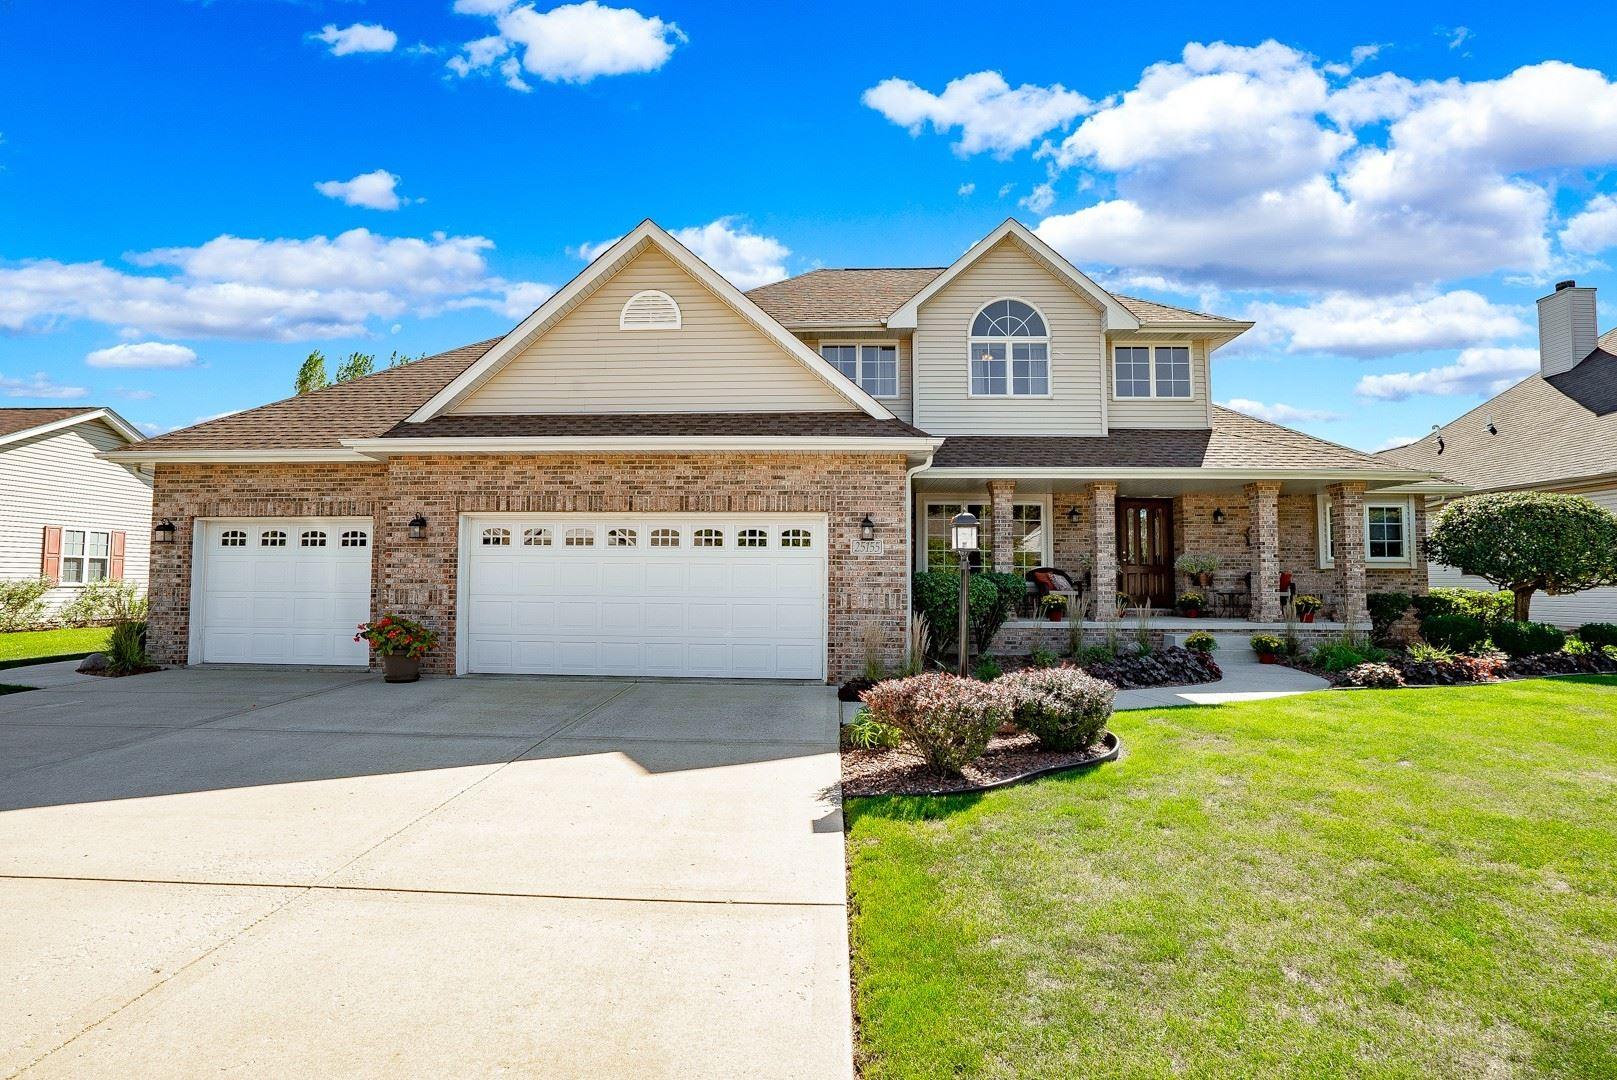 25155 W Meadowlark Drive, Channahon, IL 60410 - MLS#: 11234357